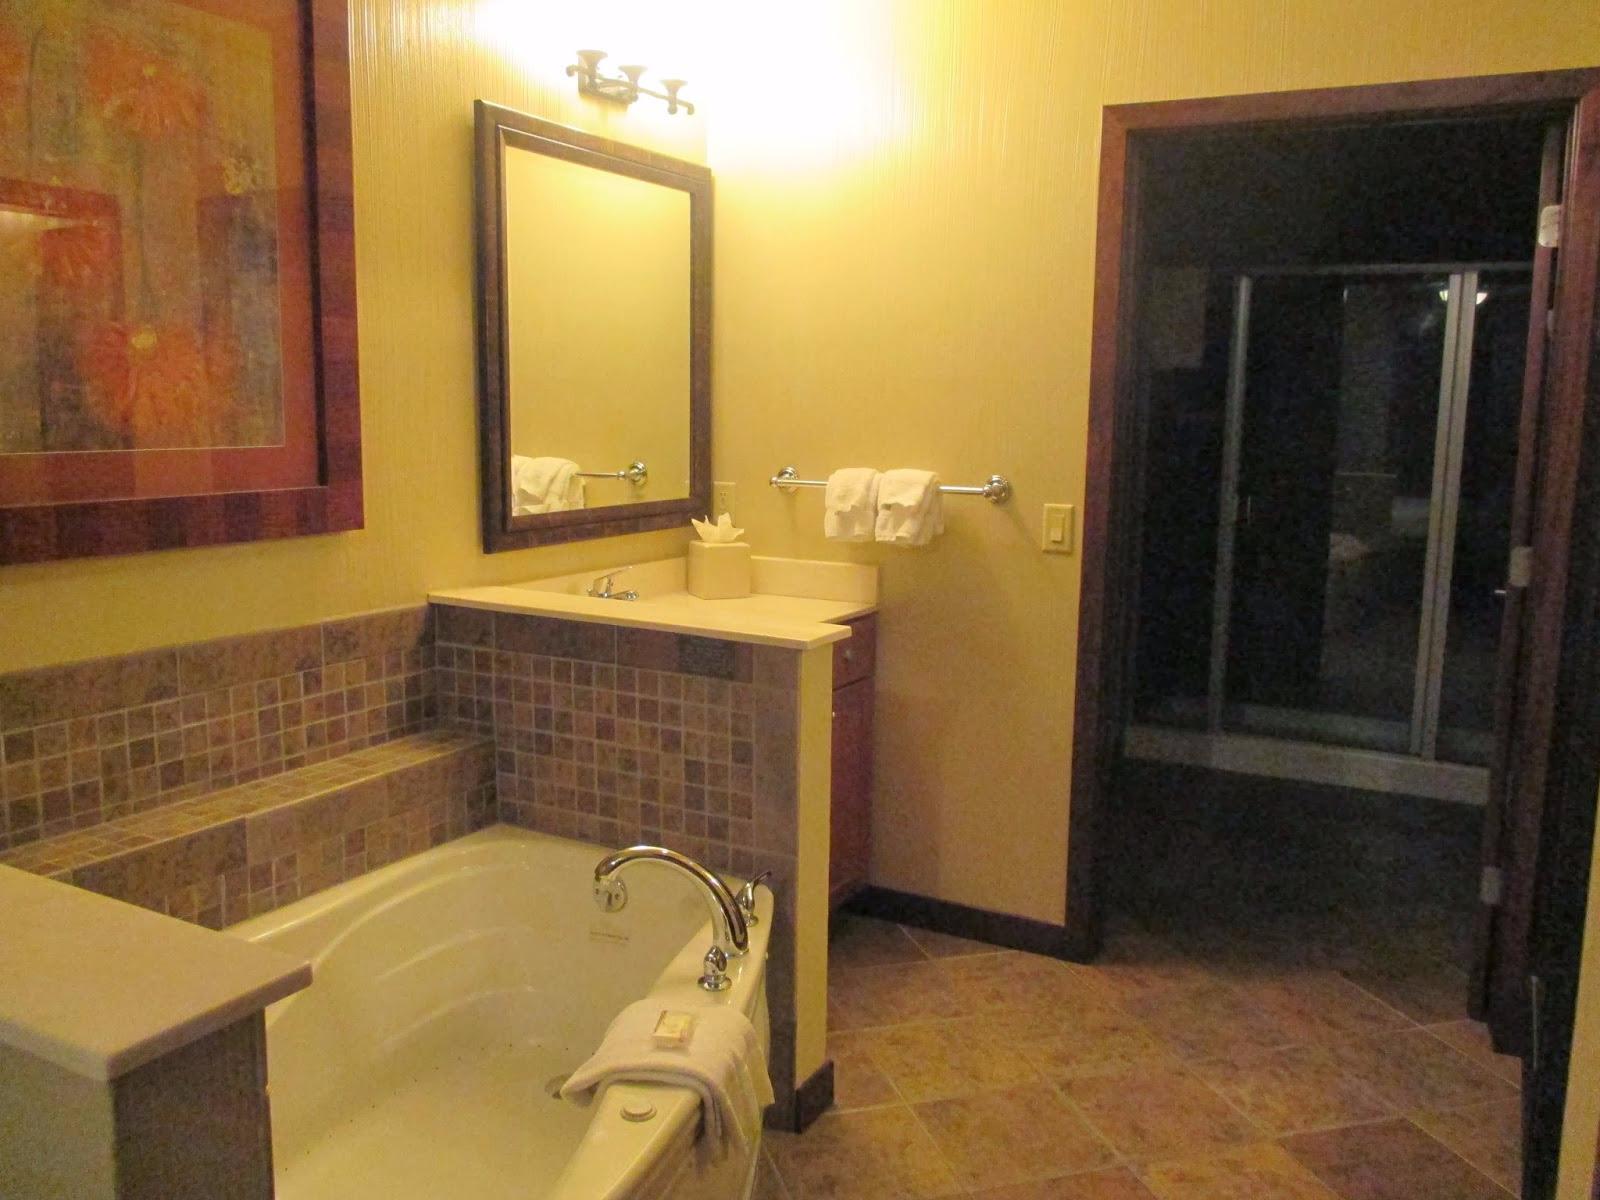 Apartment Glacier Canyon 2 Bedrooms 2 Bathroom photo 20365130